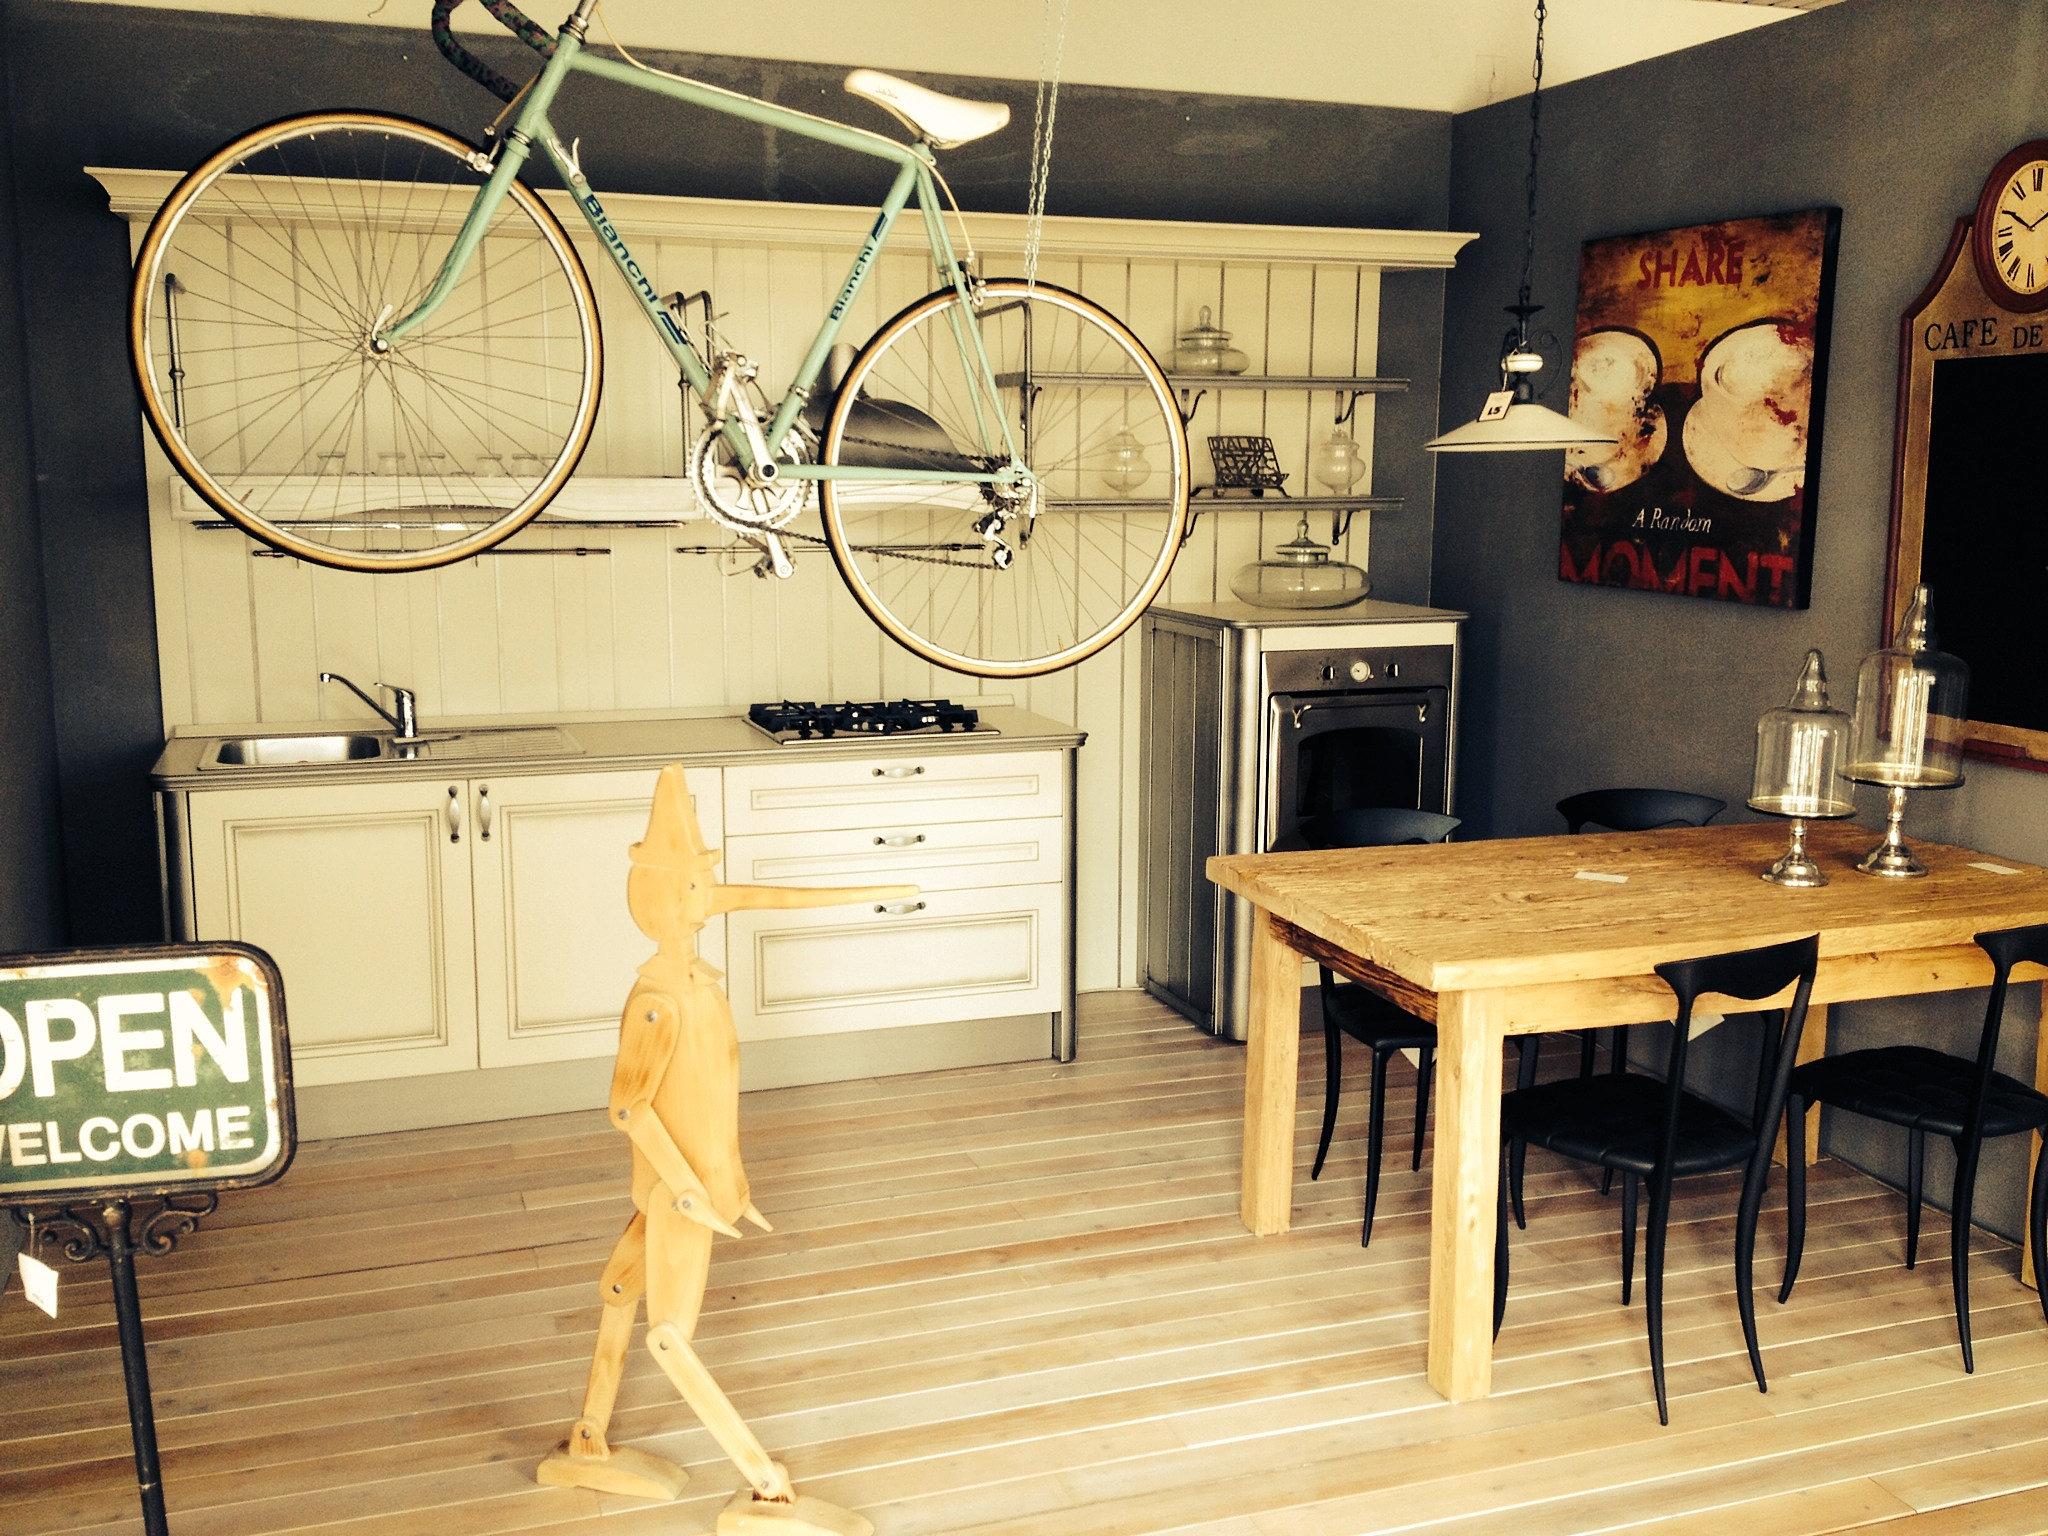 Outlet arredamento e cucine di design ambra di gatto for Arredamento di design outlet